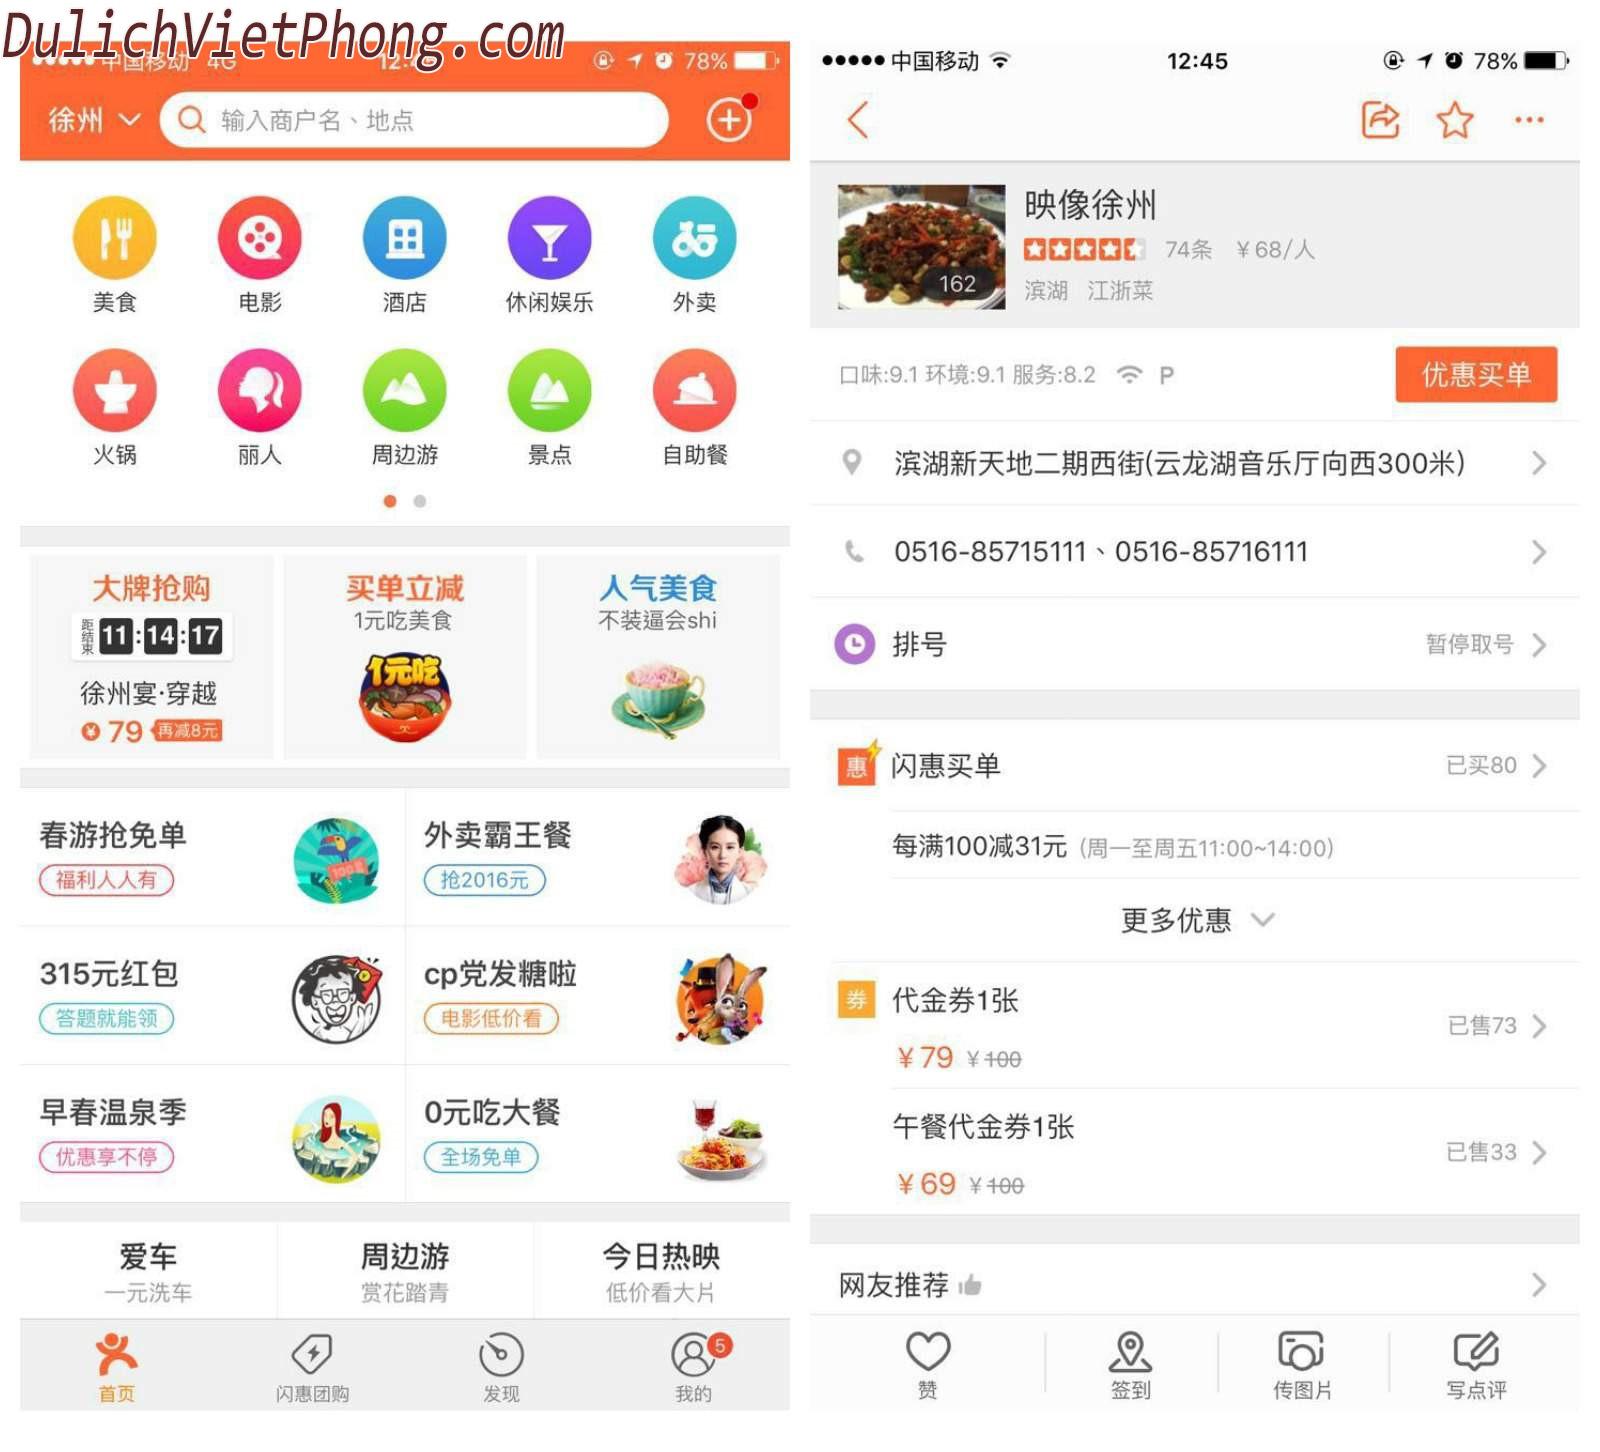 kham_pha_10_apps_huu_dung_danh_rieng_cho_nhung_tin_do_du_lich_tq